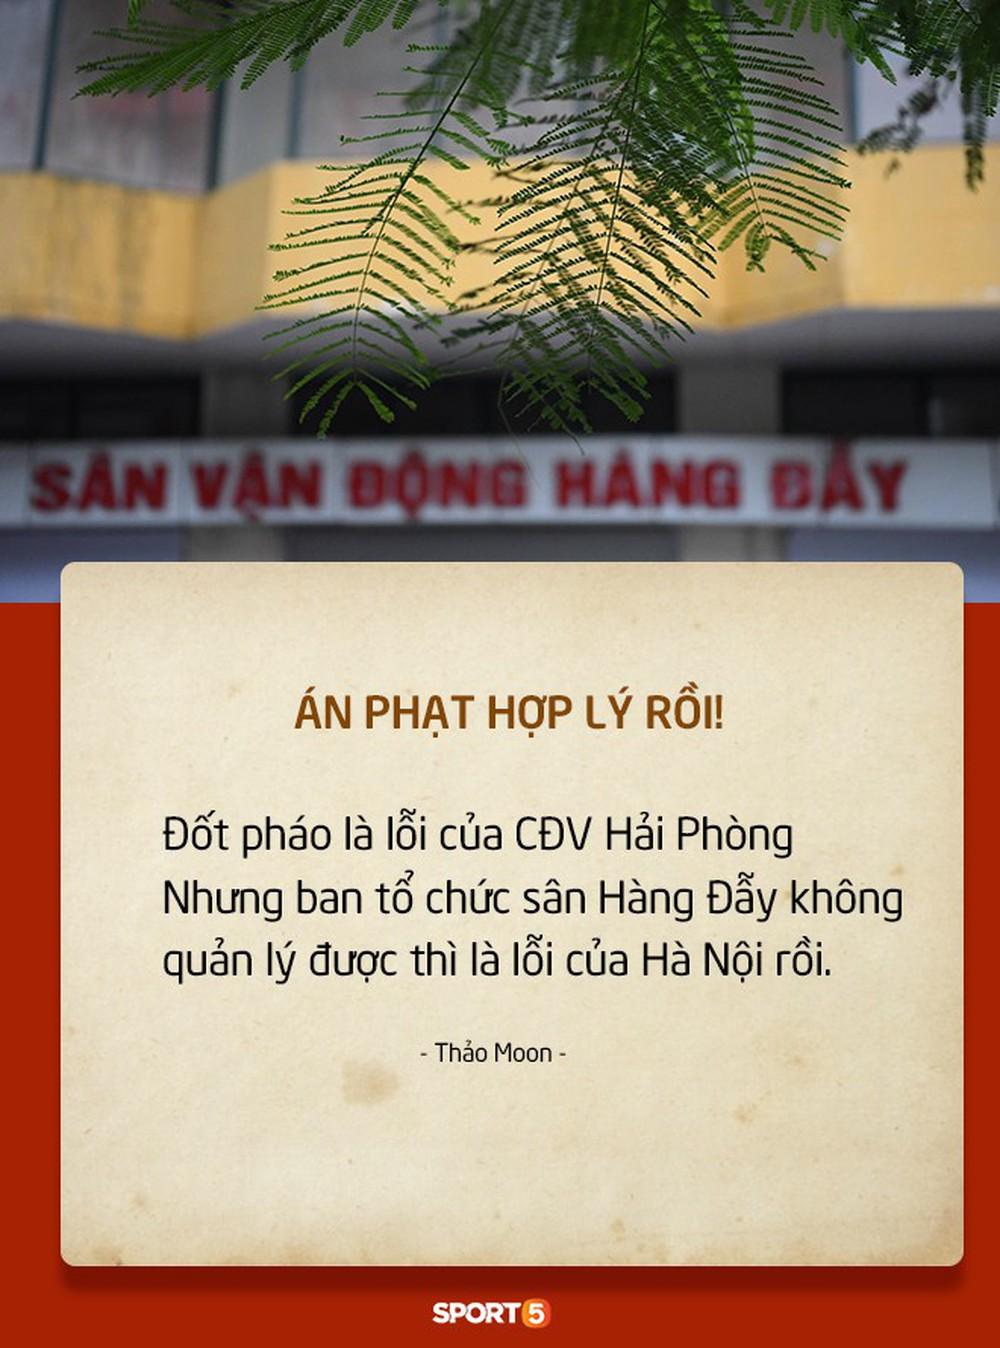 Fan Việt tranh cãi nảy lửa chuyện sân Hàng Đẫy bị treo vì CĐV Hải Phòng đốt pháo sáng - Ảnh 3.